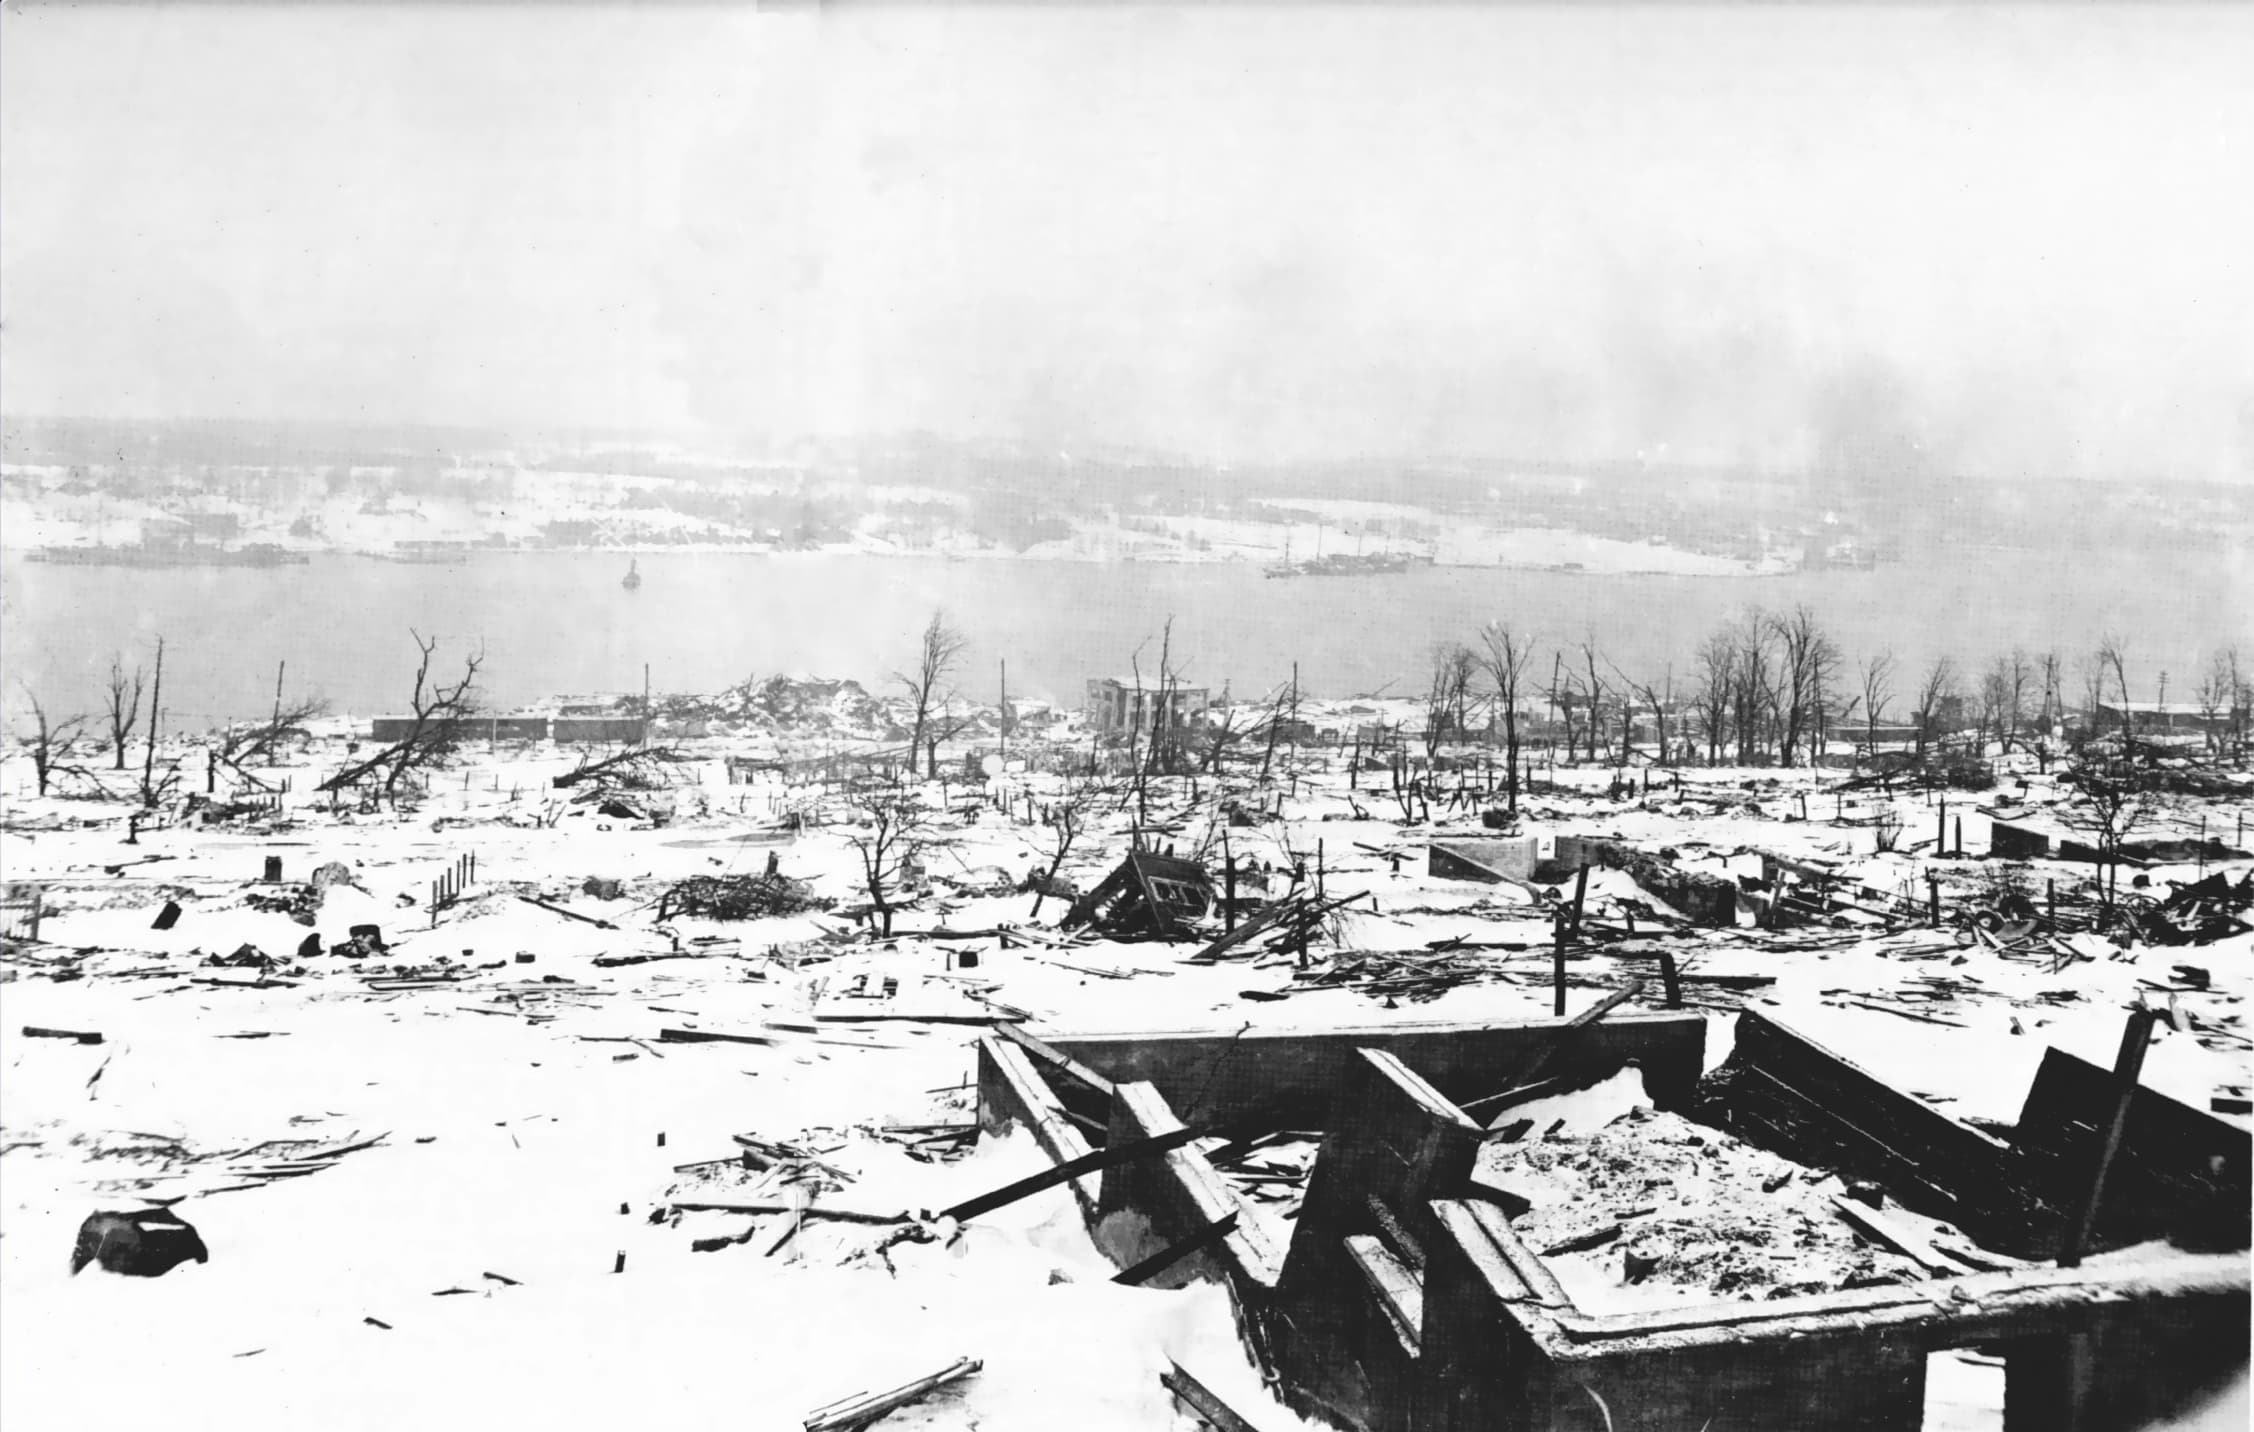 Imagem em preto e branco que mostra um rio e várias construções de madeira completamente destruídas.